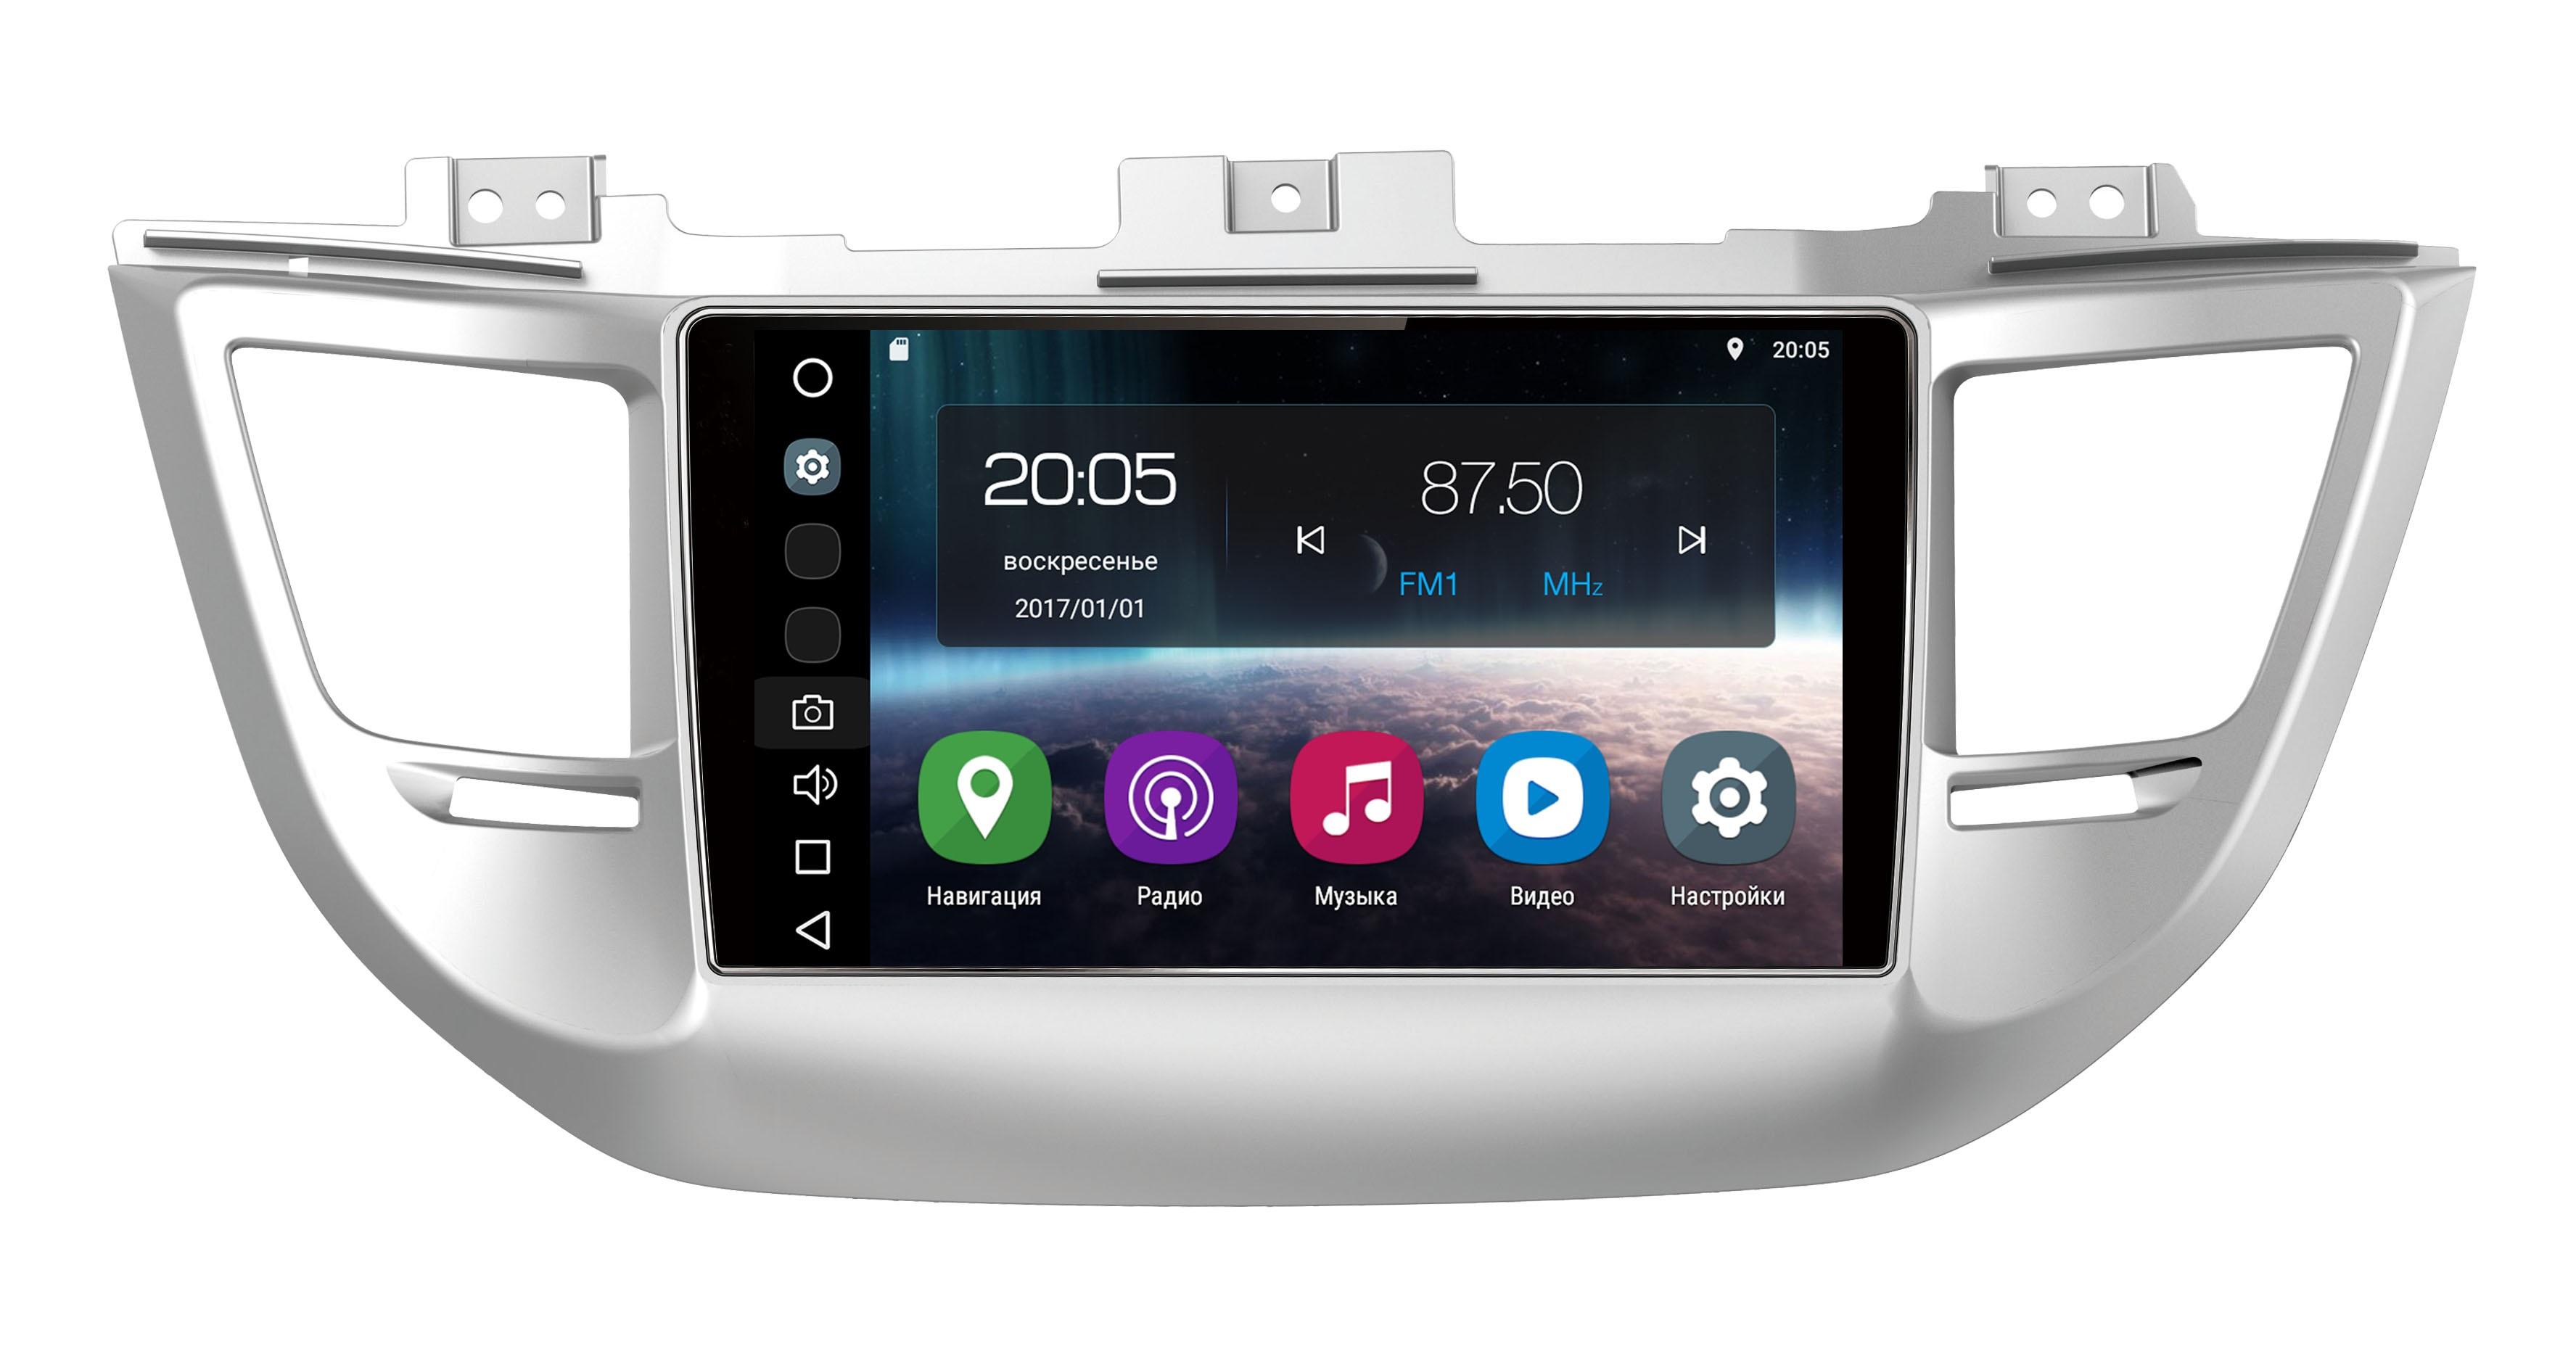 Штатная магнитола FarCar s200 для Hyundai Tucson на Android (V546R-DSP)